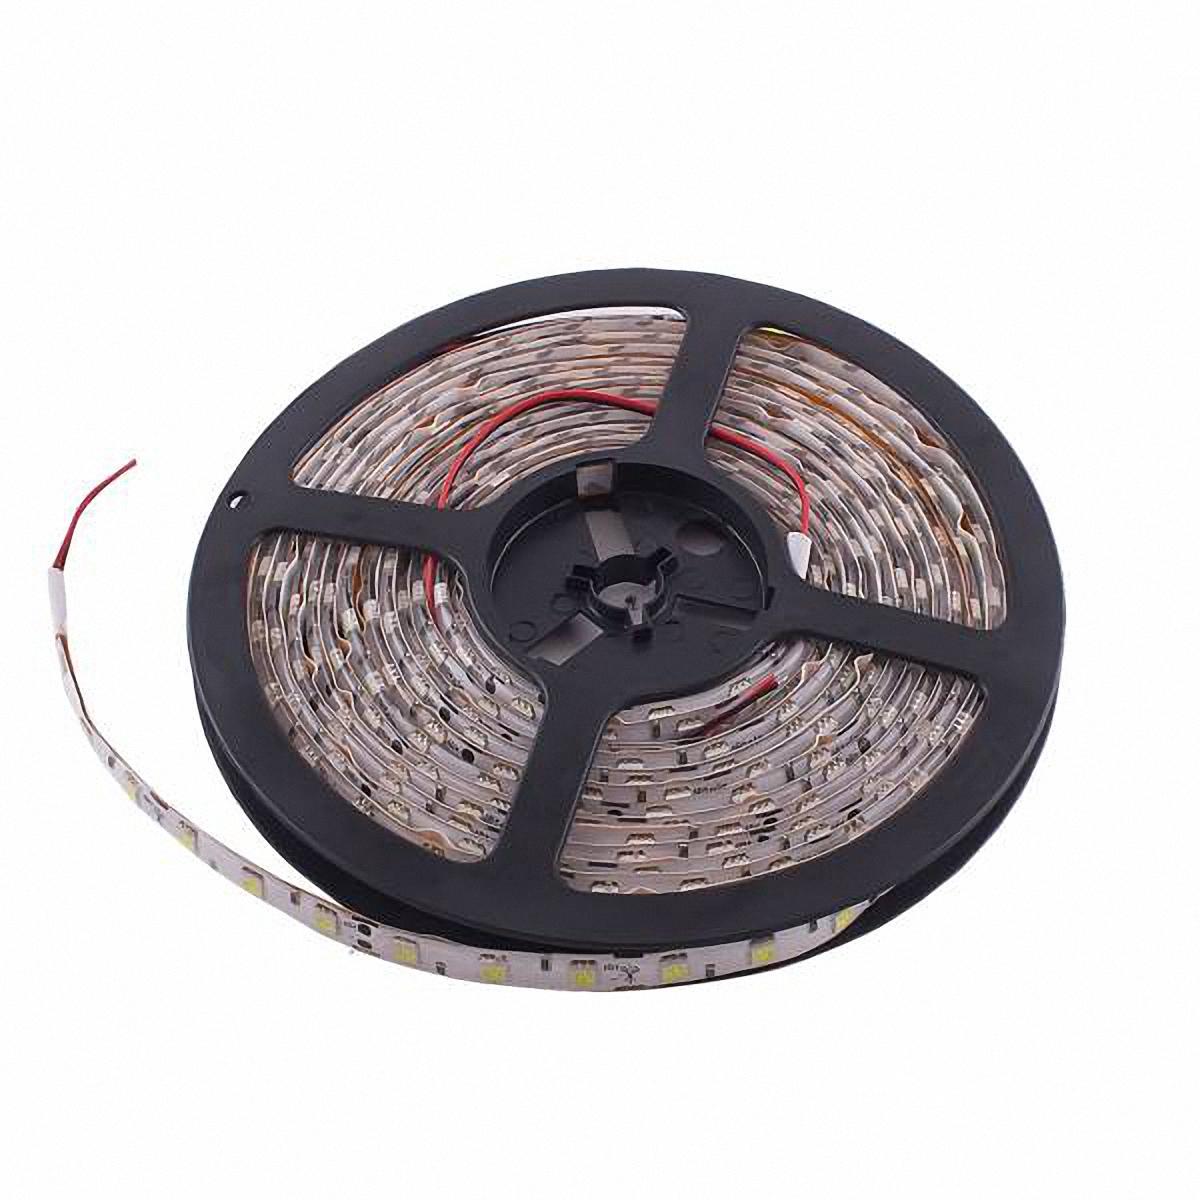 Skyway Лента светодиодная 300 SMD диодов. S03201026S03201026Входное напряжение: 12V. Длина: 500 см. Цвет основы: белый. Цвет катушки: синий.